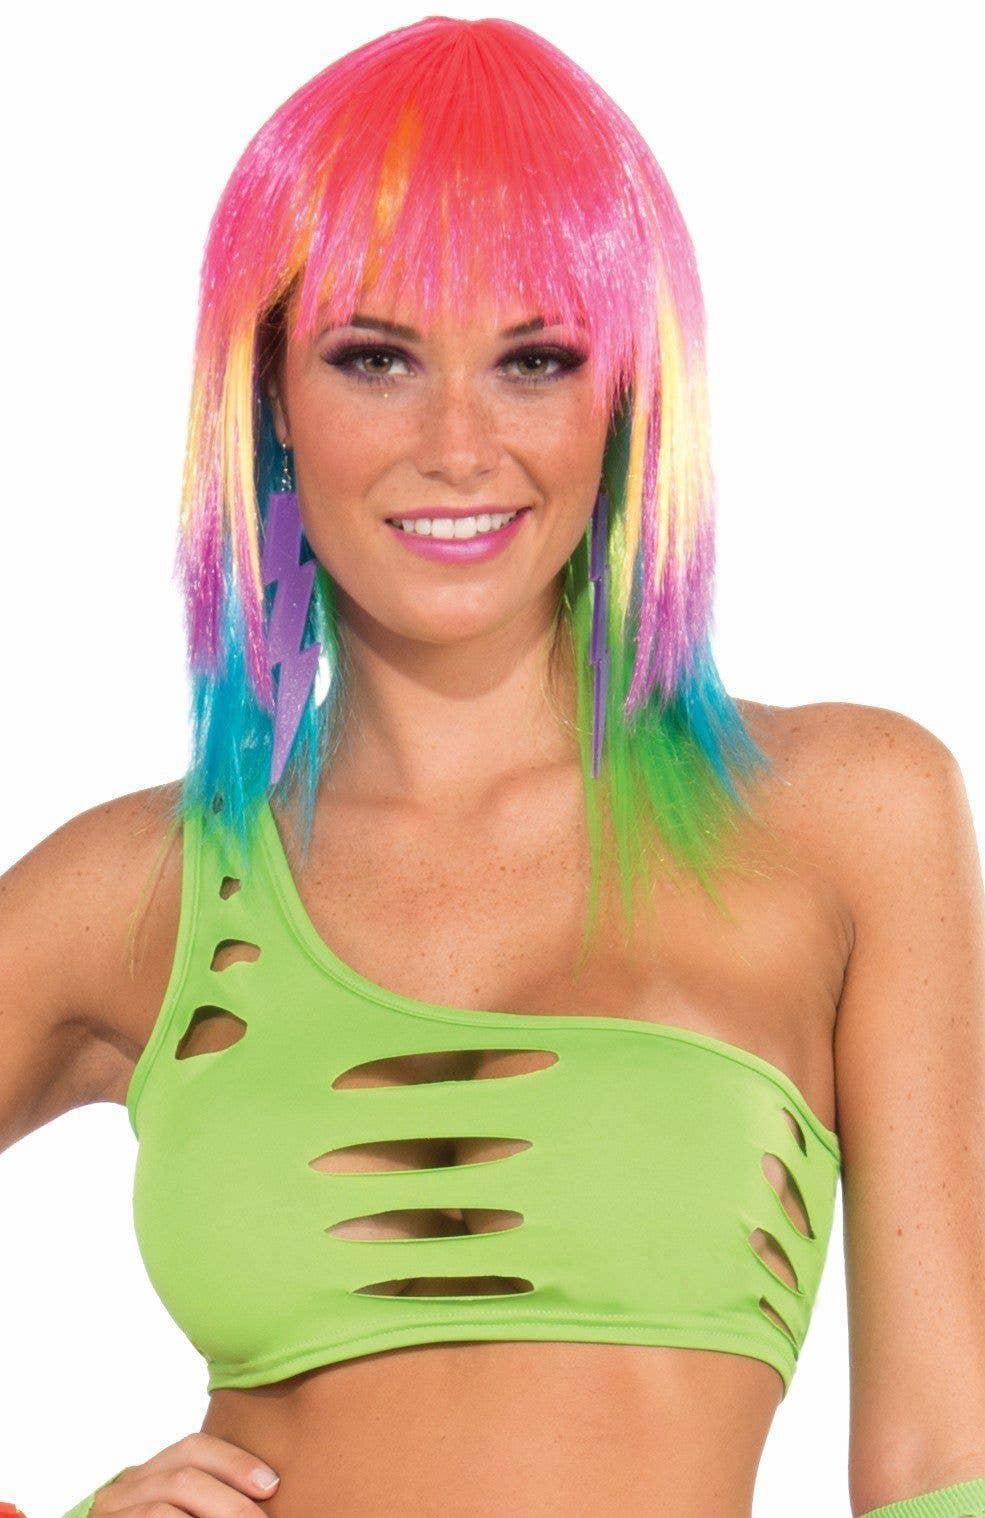 05c69b45386b08 Neon Green Women s Cut Out Bra Top Rave Wear View 1